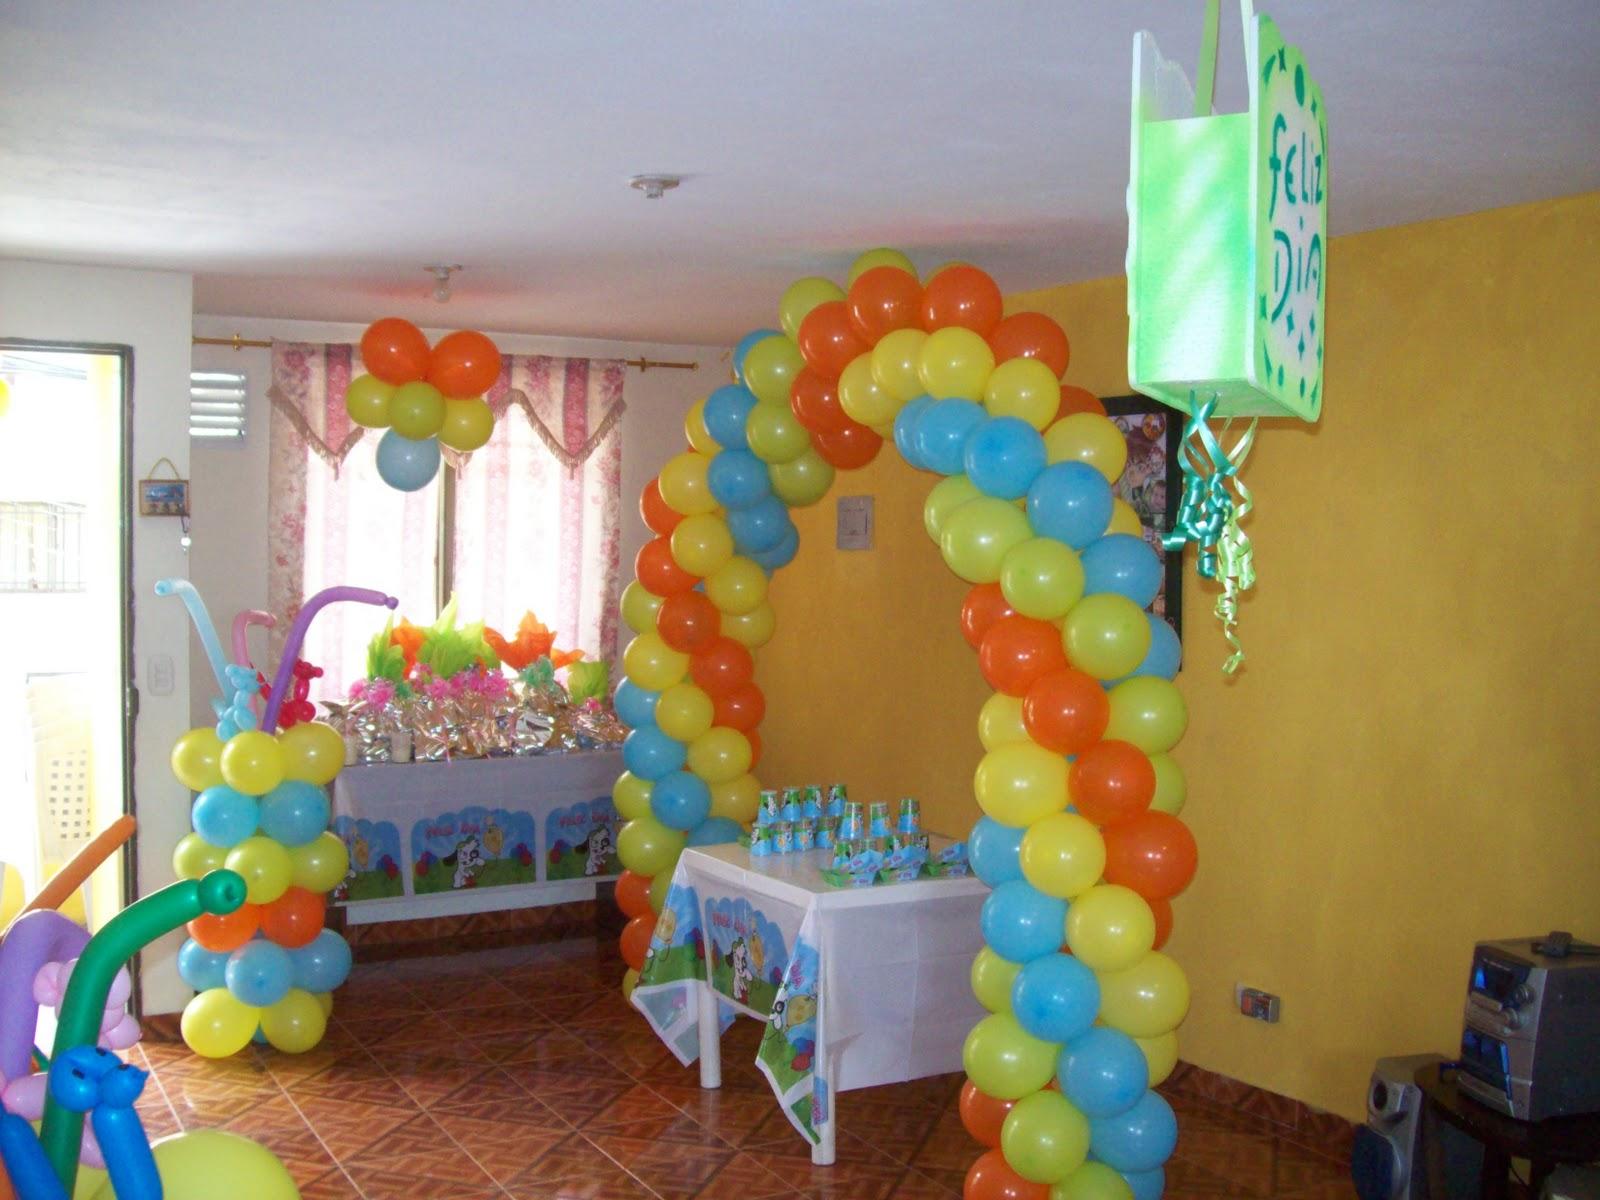 Decoraciones con globos para fiestas infantiles imagenes for Decoracion para pared fiesta